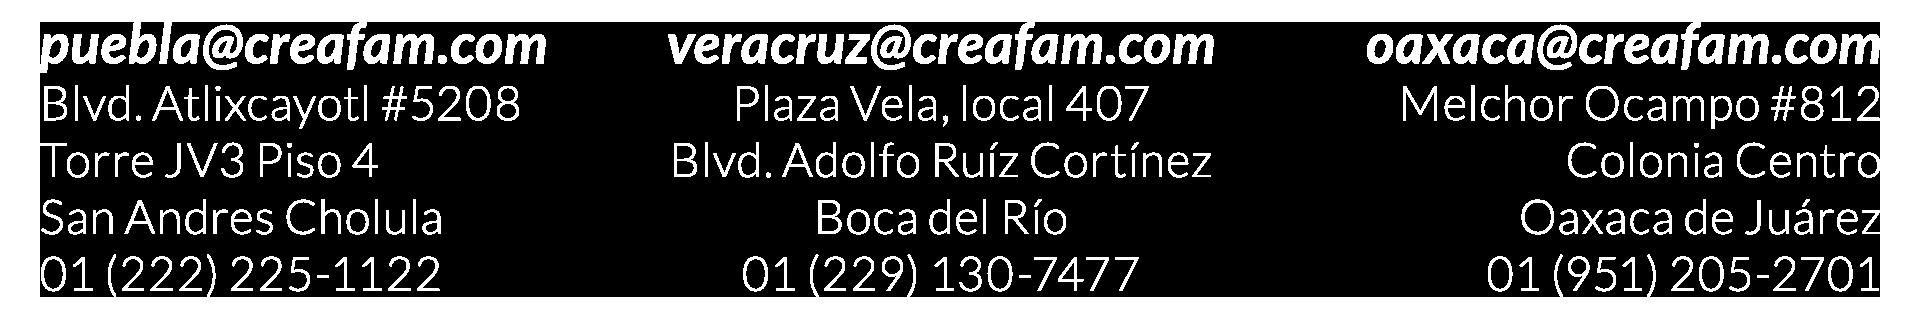 Creafam Oaxaca Puebla Veracruz